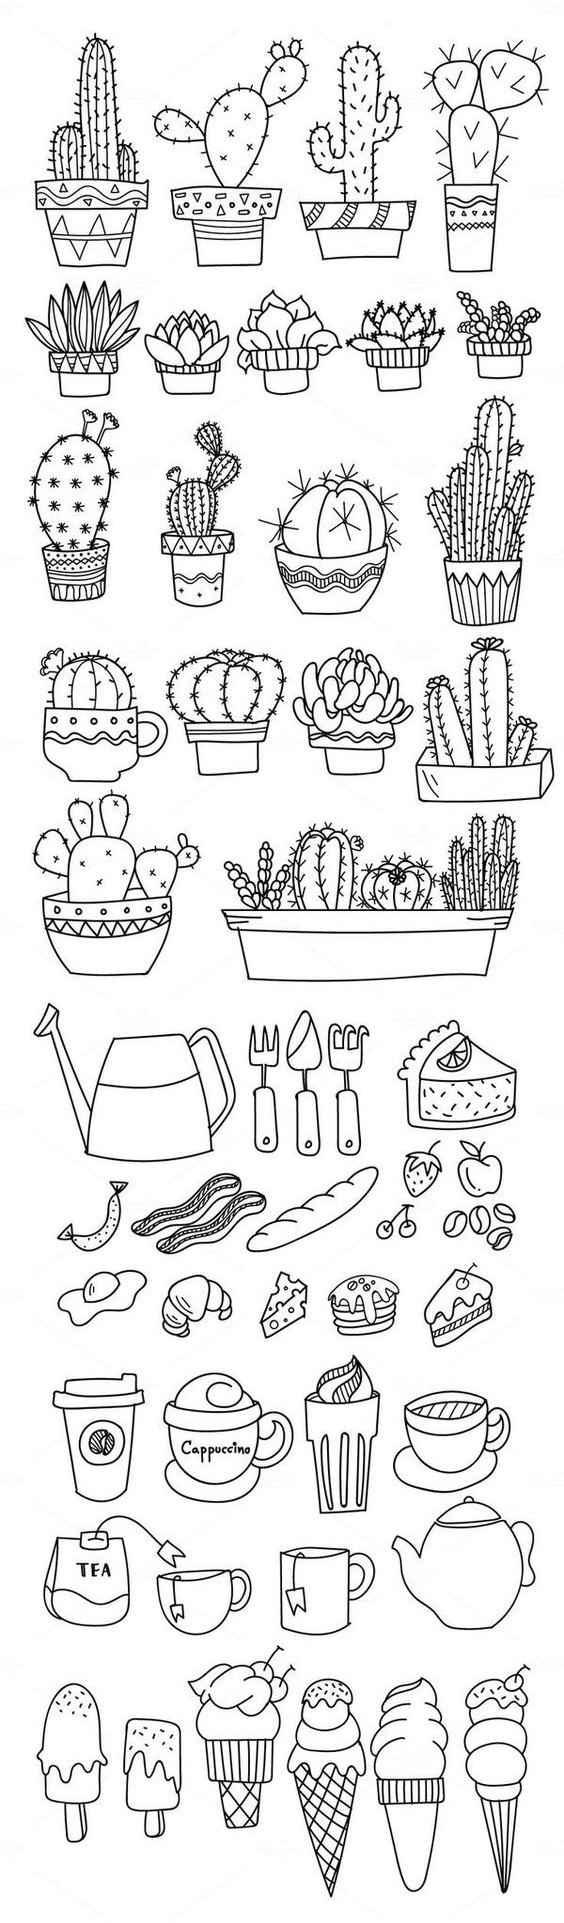 Красивые срисовки для скетчбука маленькие и милые 22